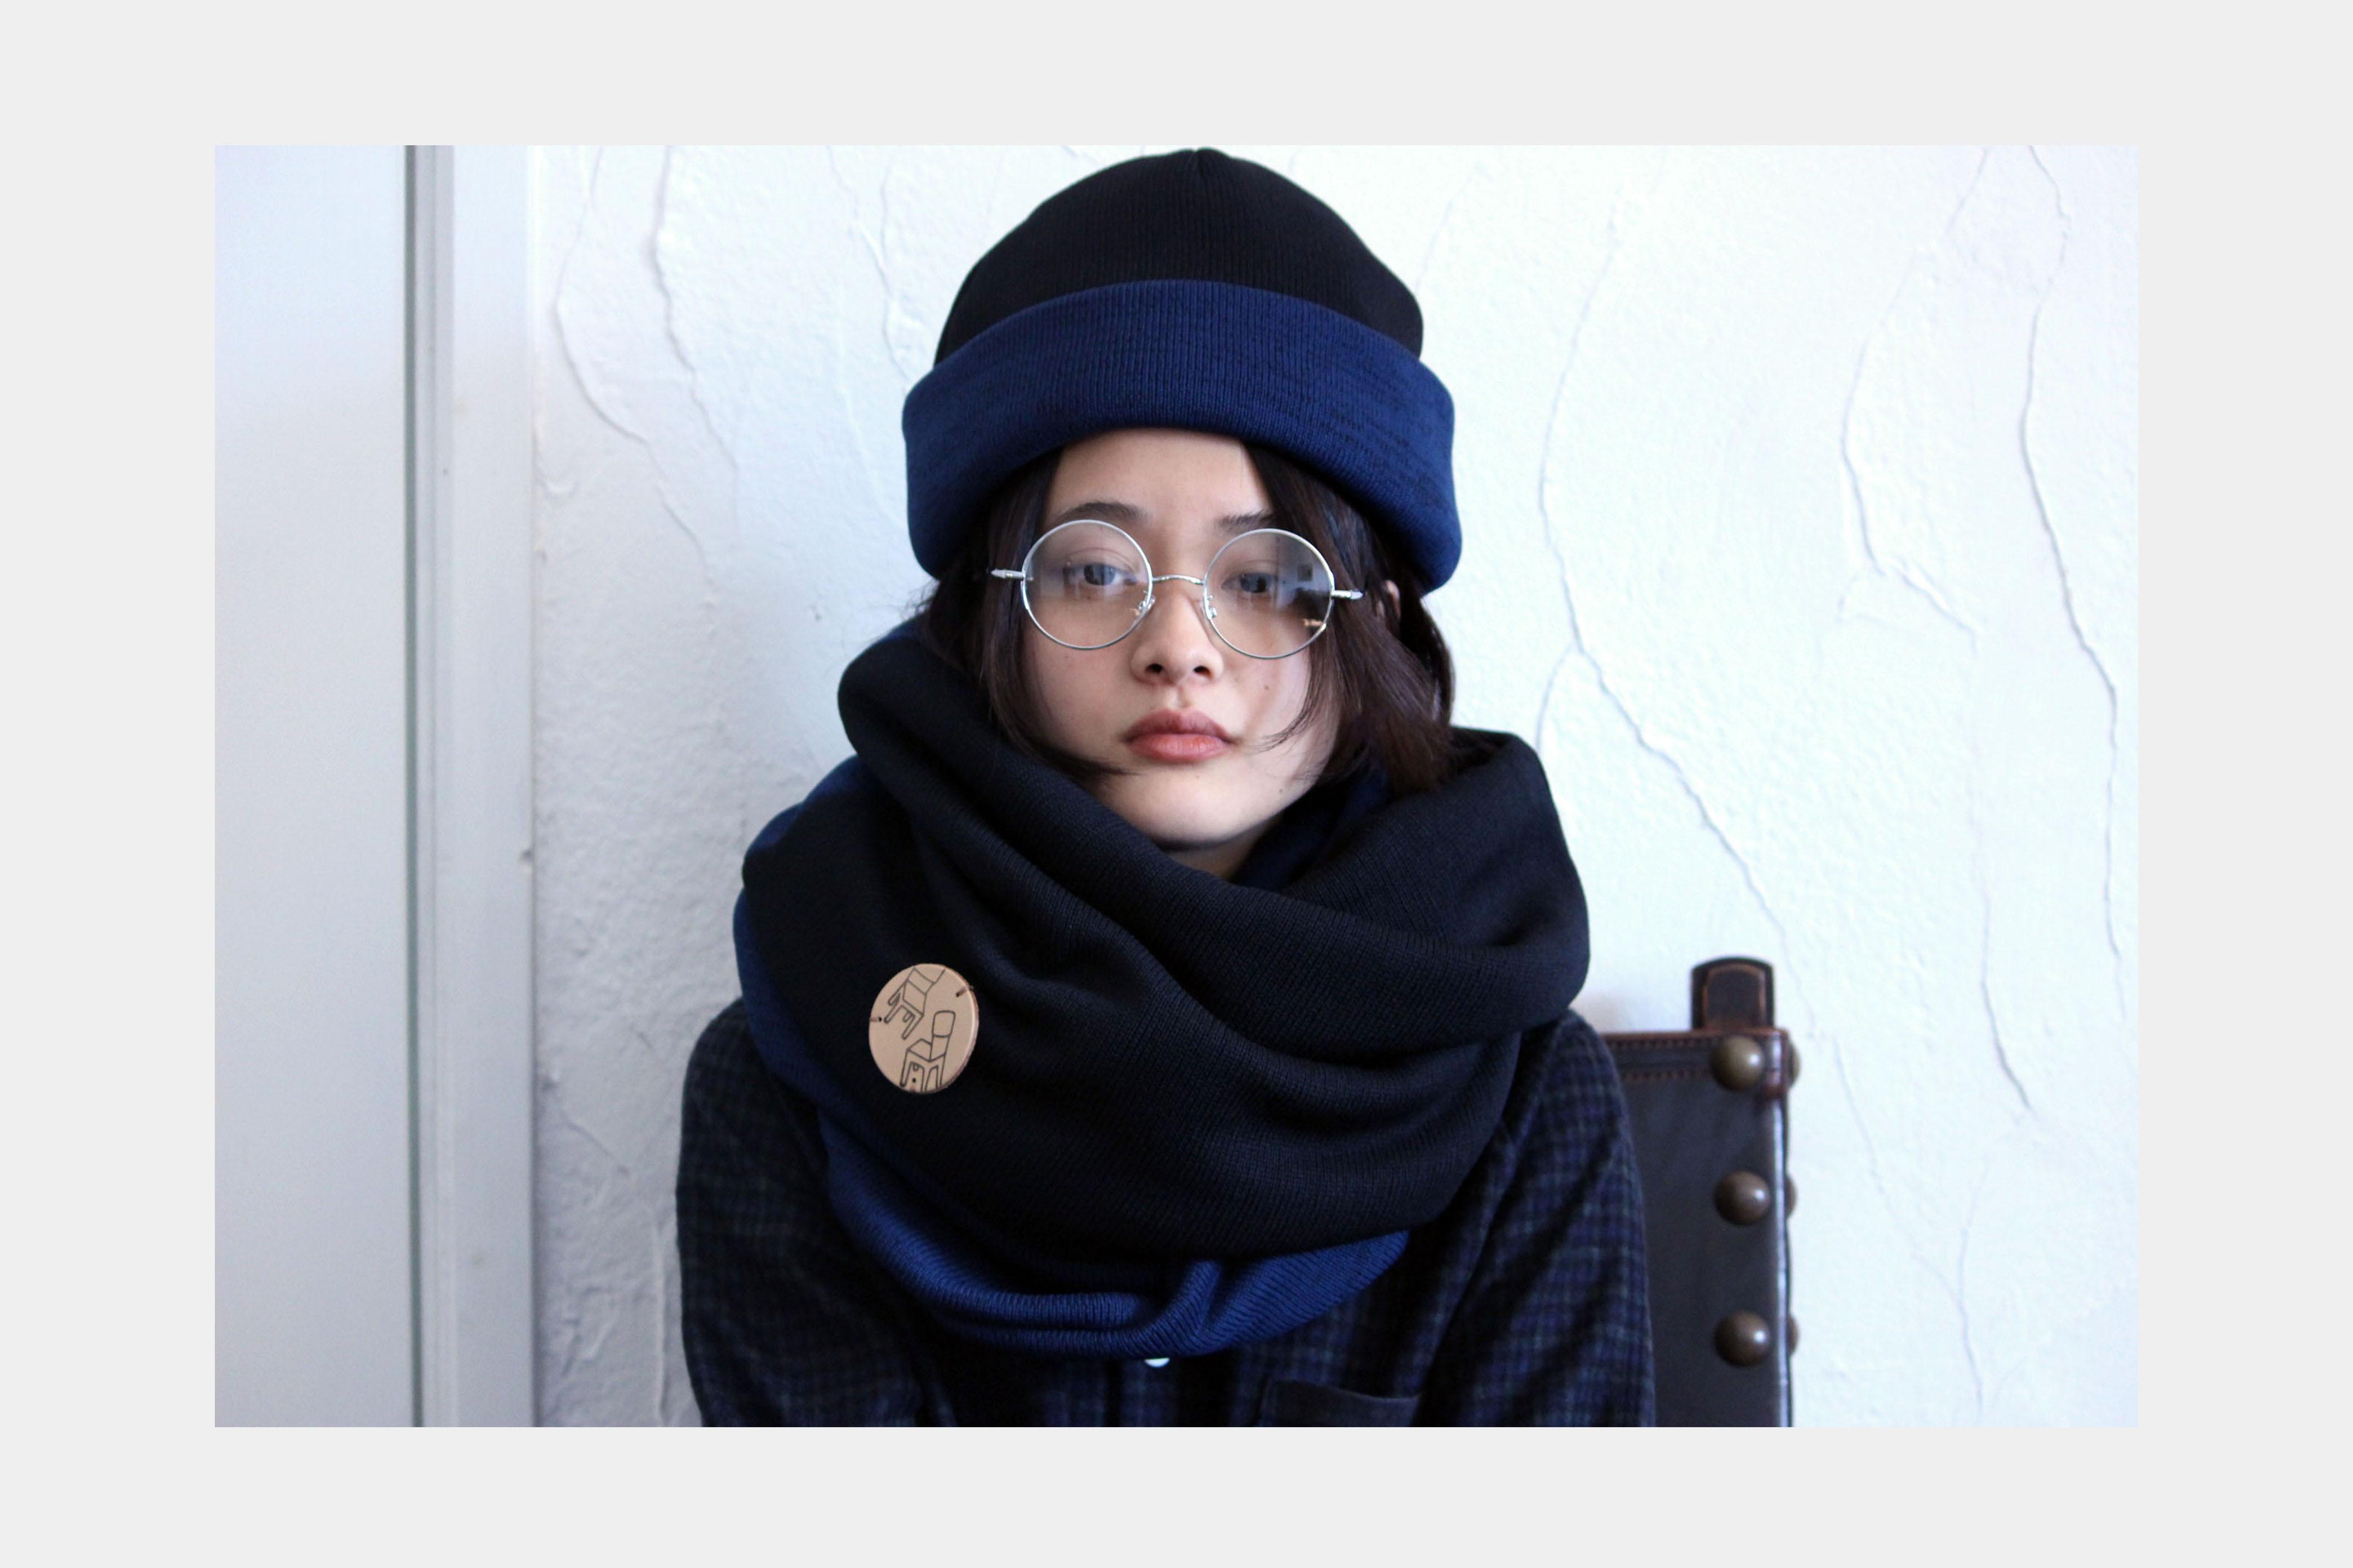 Hiroyuki Watanabe(ヒロユキワタナベ)2017-18年秋冬 コレクション